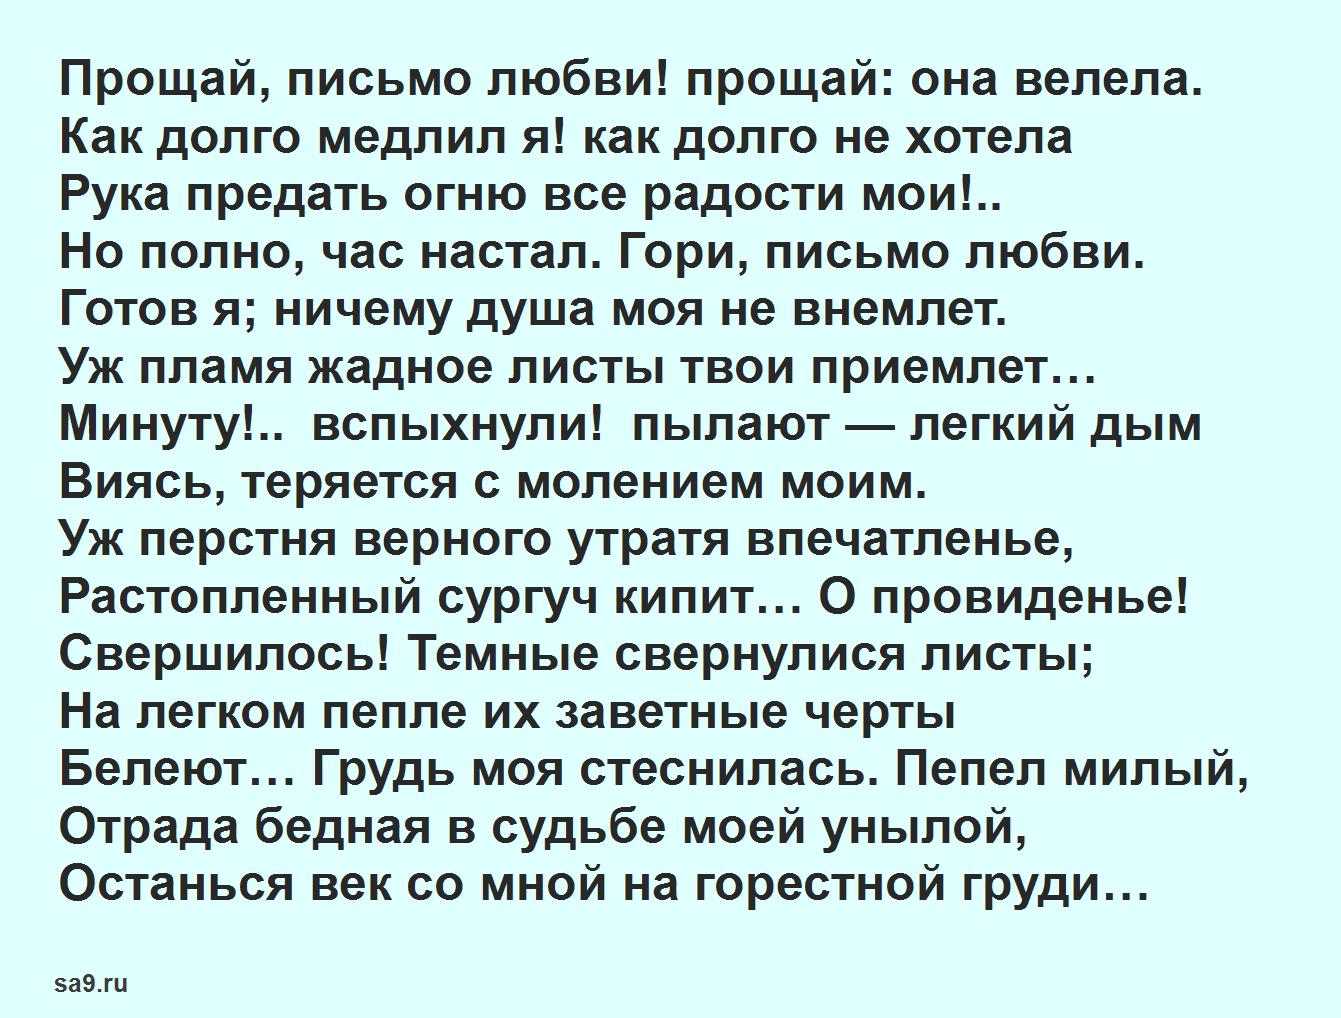 Стихи Пушкина о любви - Сожженное письмо, легко учащиеся